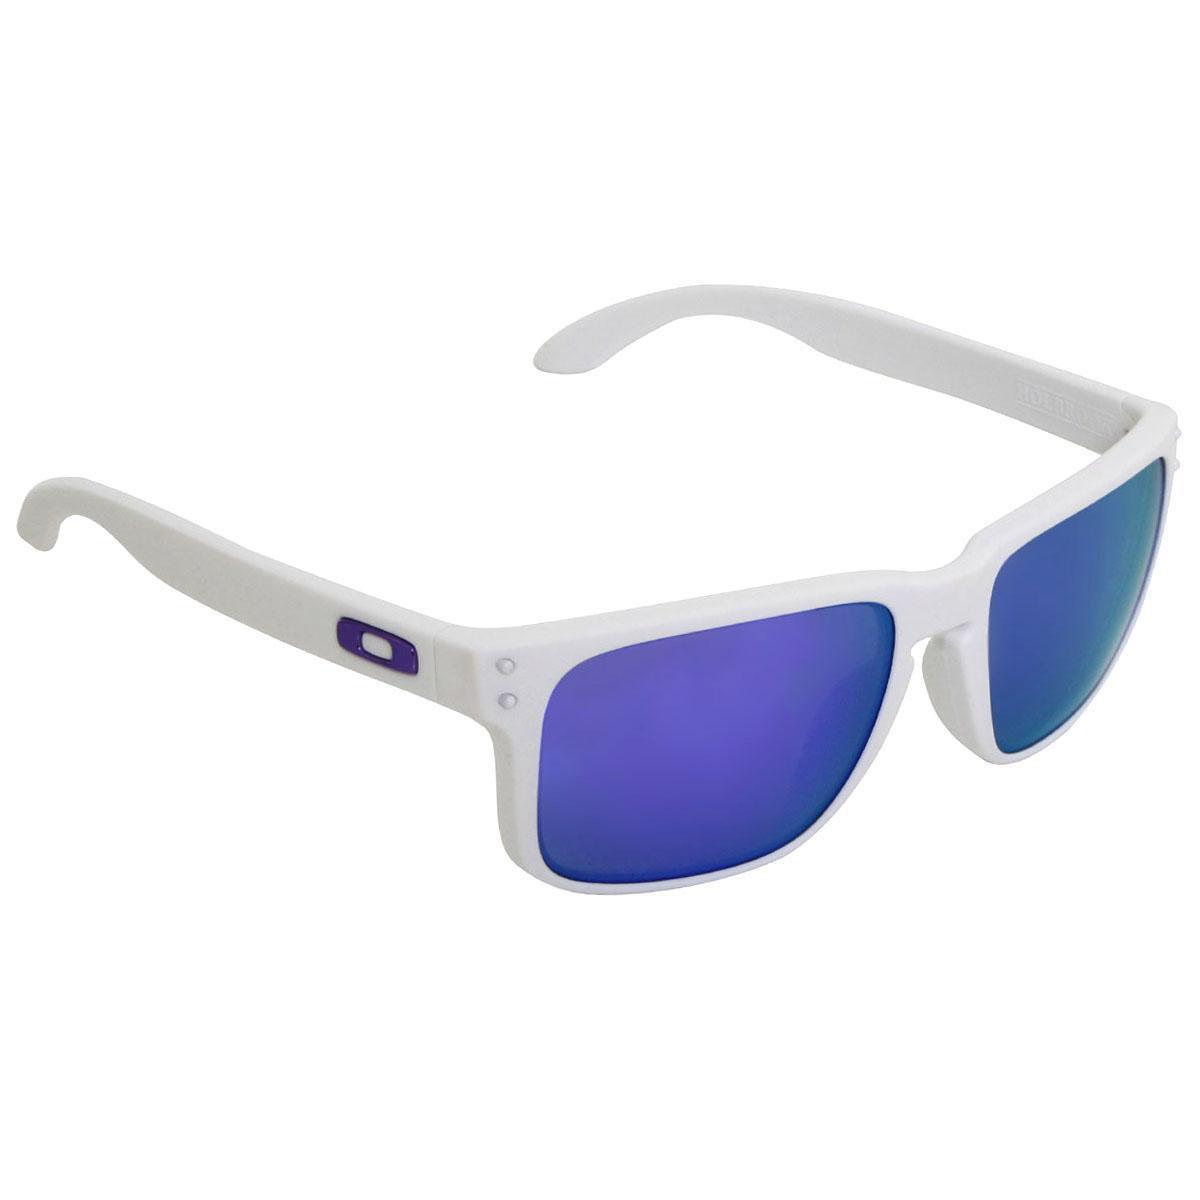 Óculos Oakley Holbrook Matte White  Lente Violet - Compre Agora ... 110e9538a5